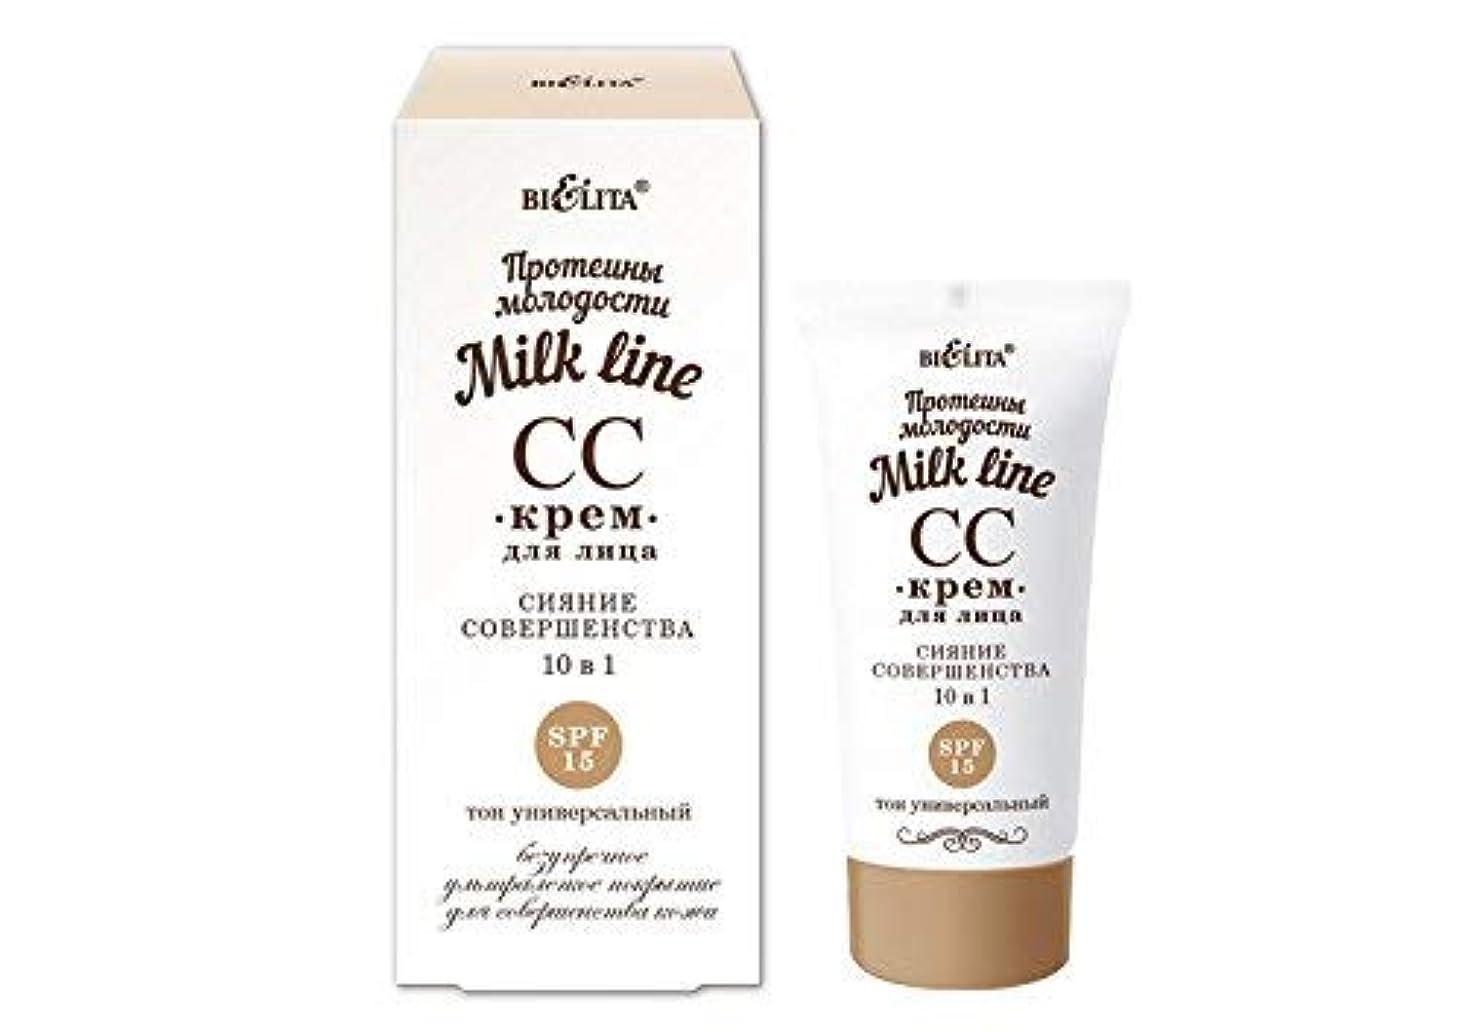 子犬斧記念碑的なCC Cream,based on goat's milk Total Effects Tone Correcting Moisturizer with Sunscreen, Light to Medium 10 effects...